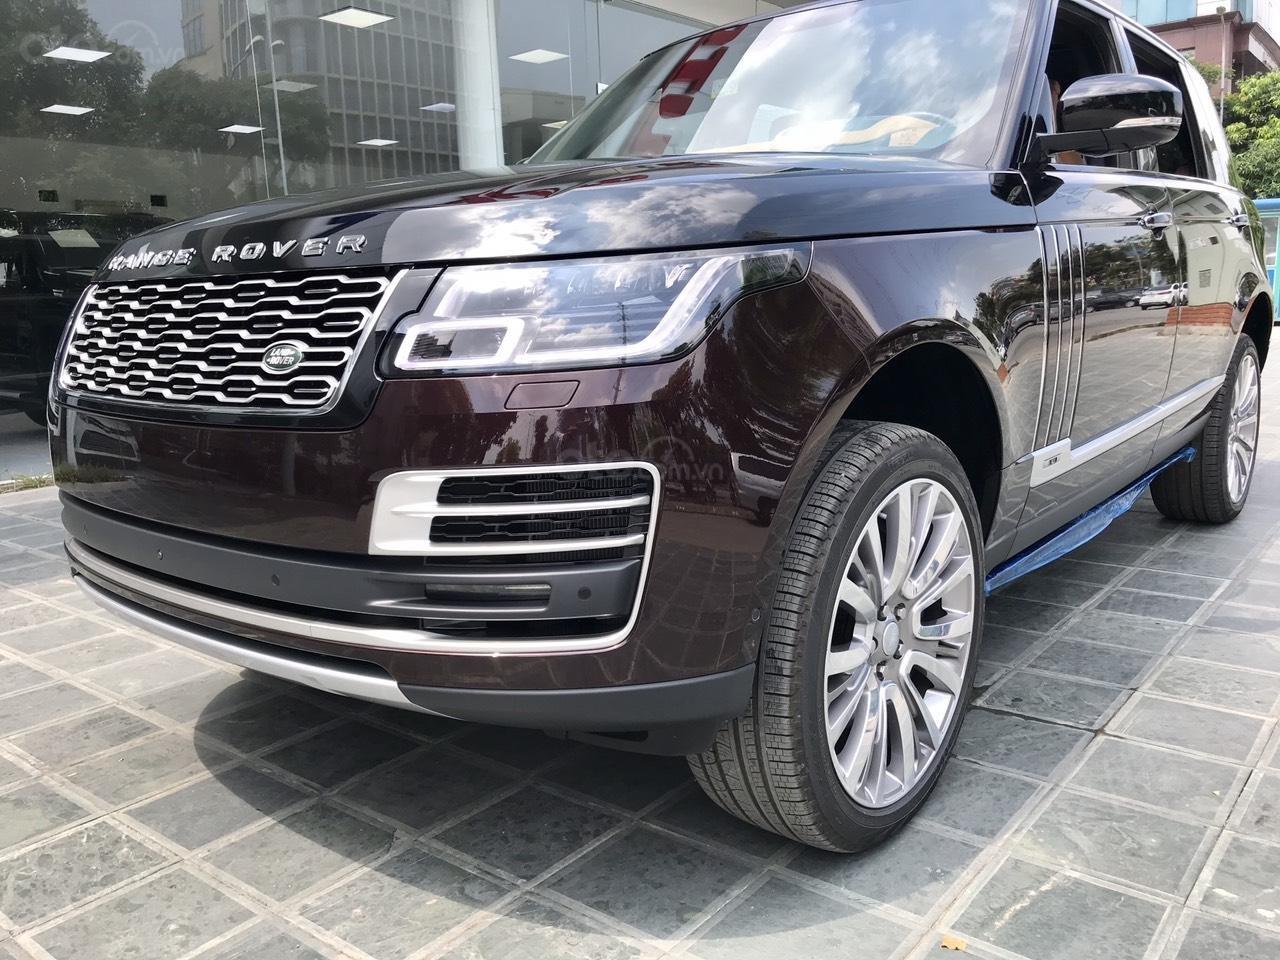 Bán xe Range Rover SV Autobiography 3.0 màu đỏ 2020, xe có sẵn giao ngay toàn quốc, giá tốt LH Ms Hương (14)